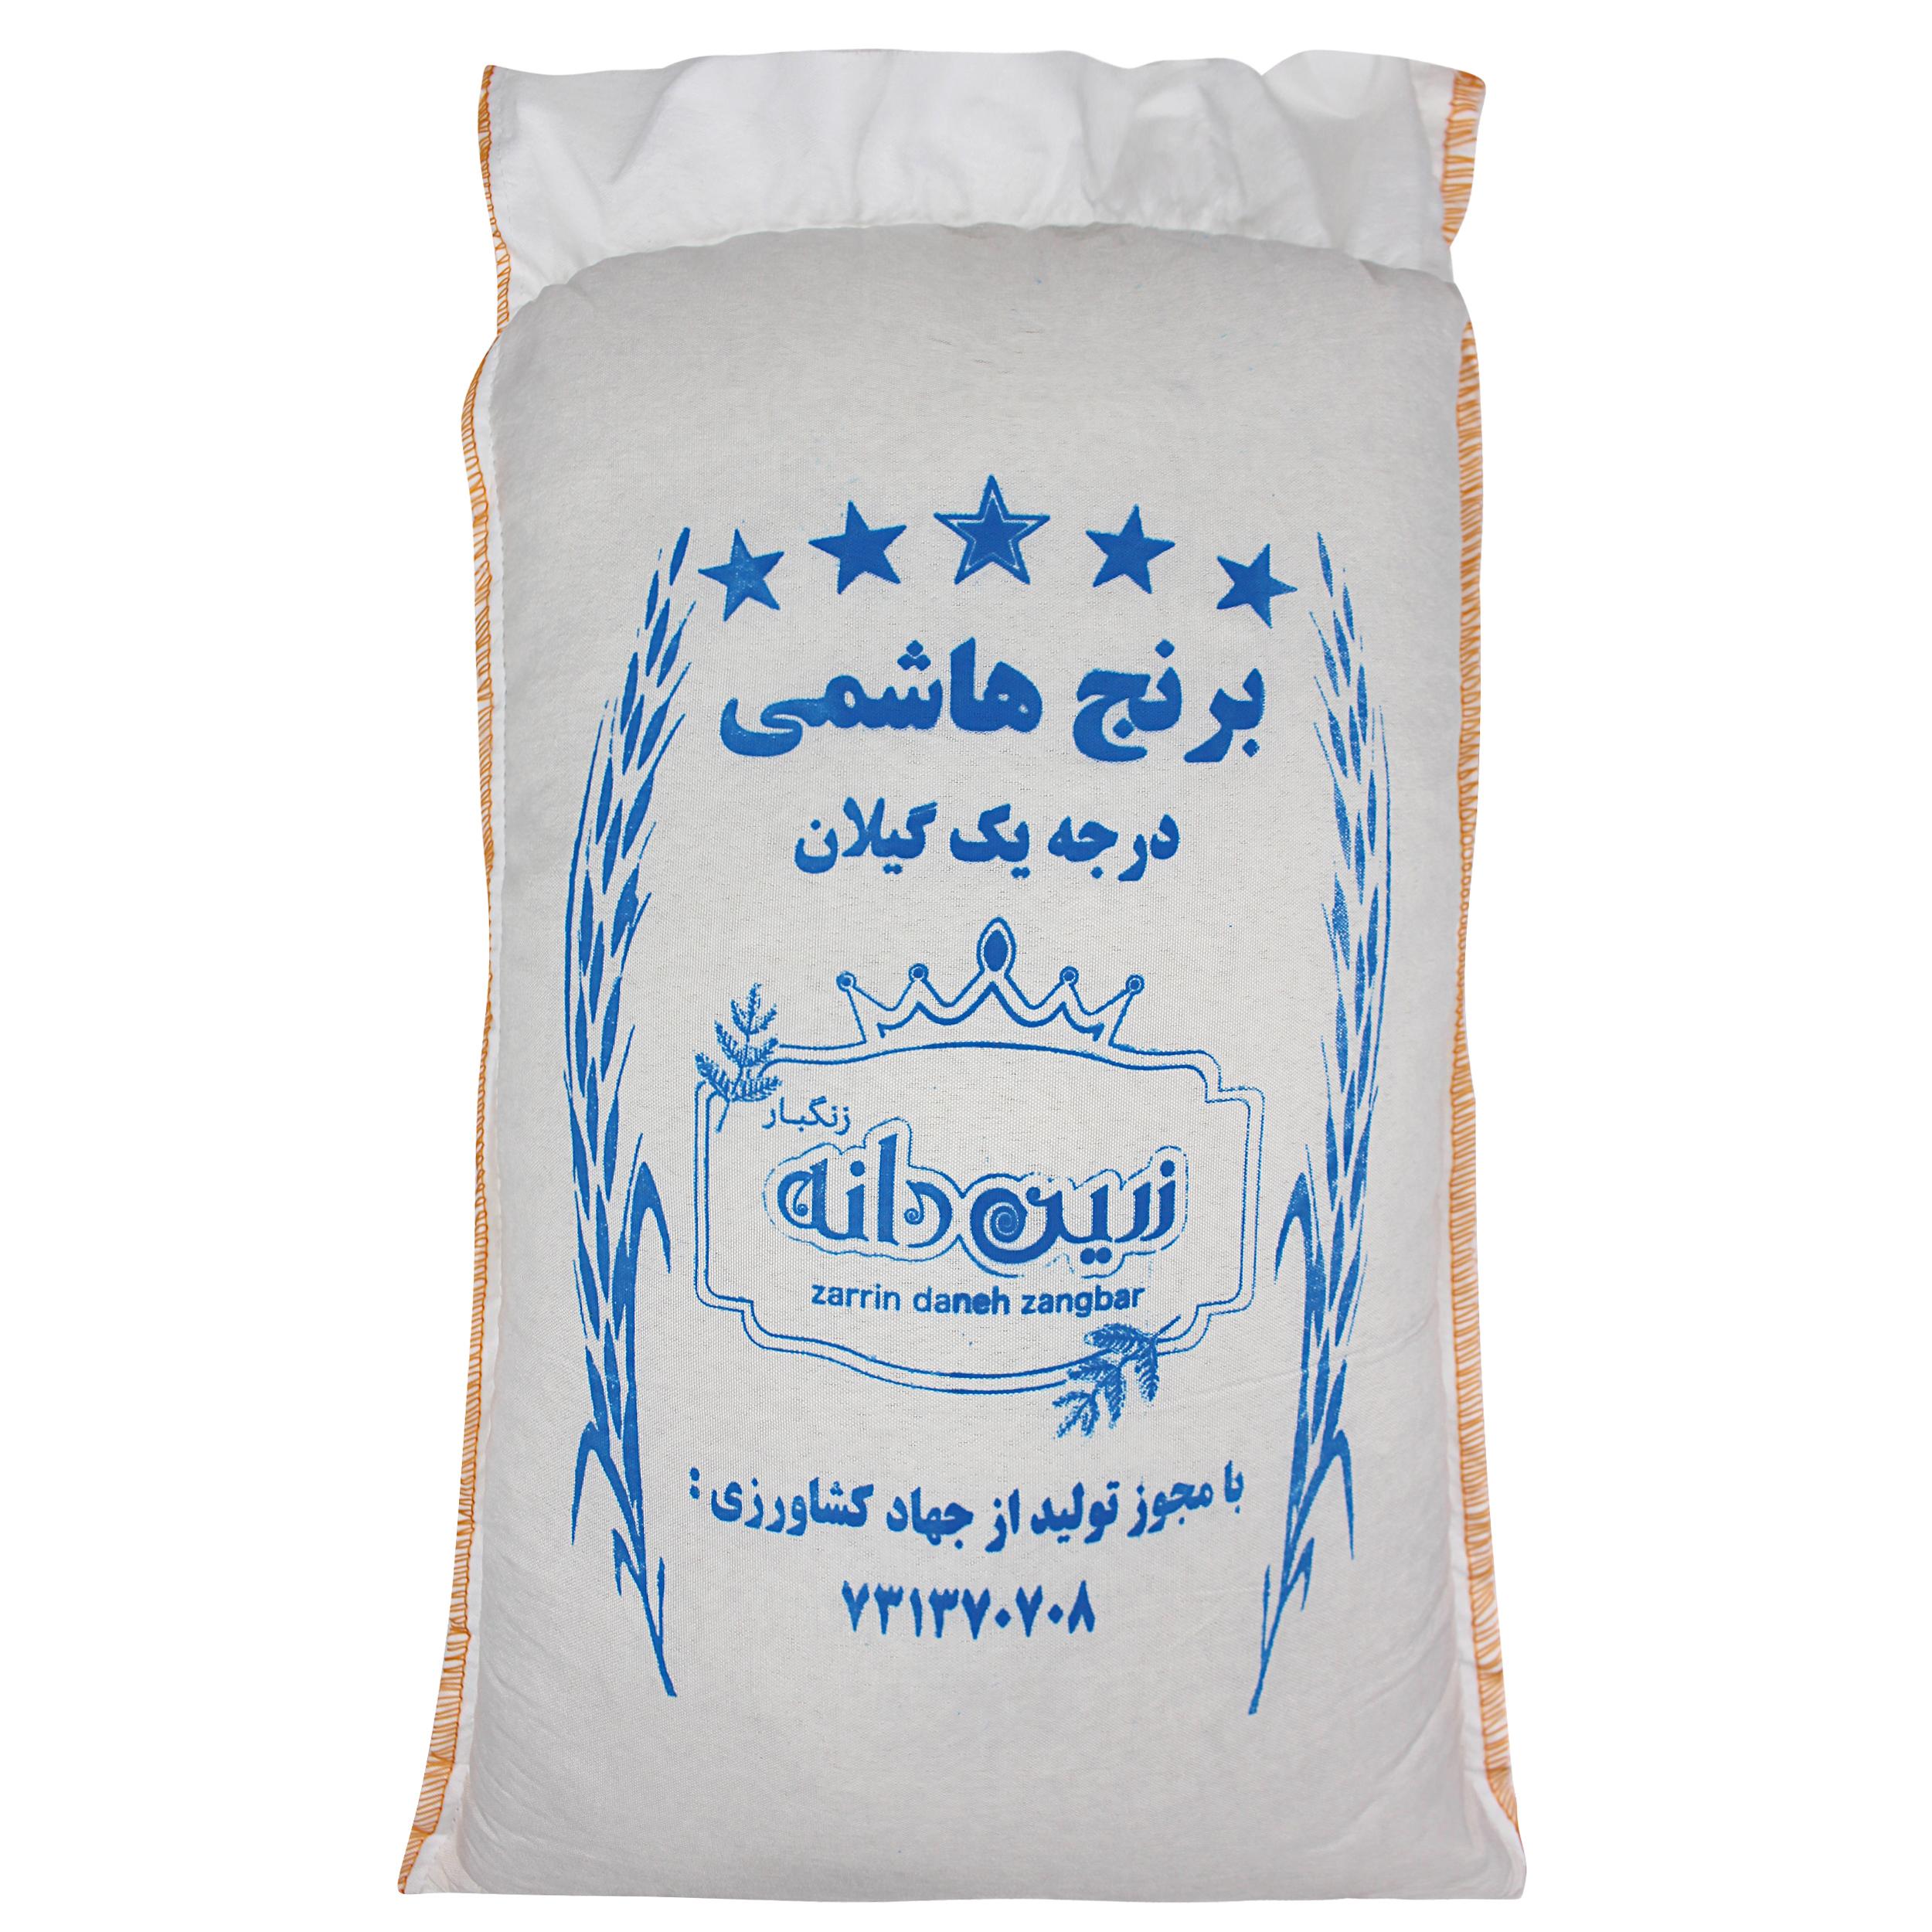 برنج هاشمی درجه یک زرین دانه زنگبار - 10 کیلوگرم